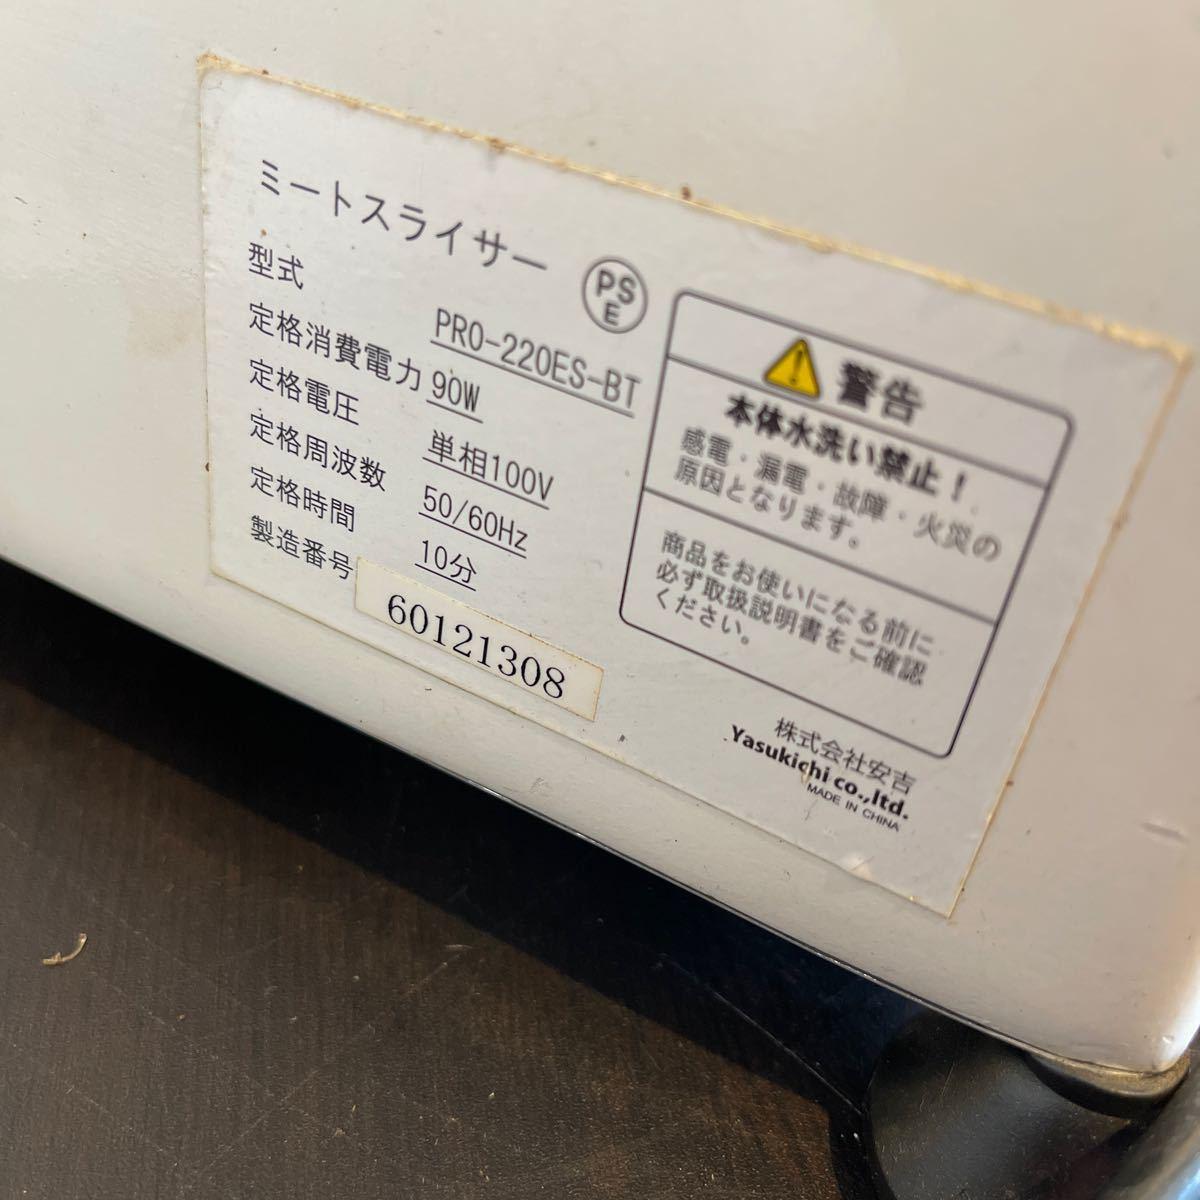 ミートスライサー 業務用 ハムスライサー フッ素樹脂コーティング チャーシュー 電動 肉スライサー PRO-220YS-BT-R KIPROSTAR_画像9